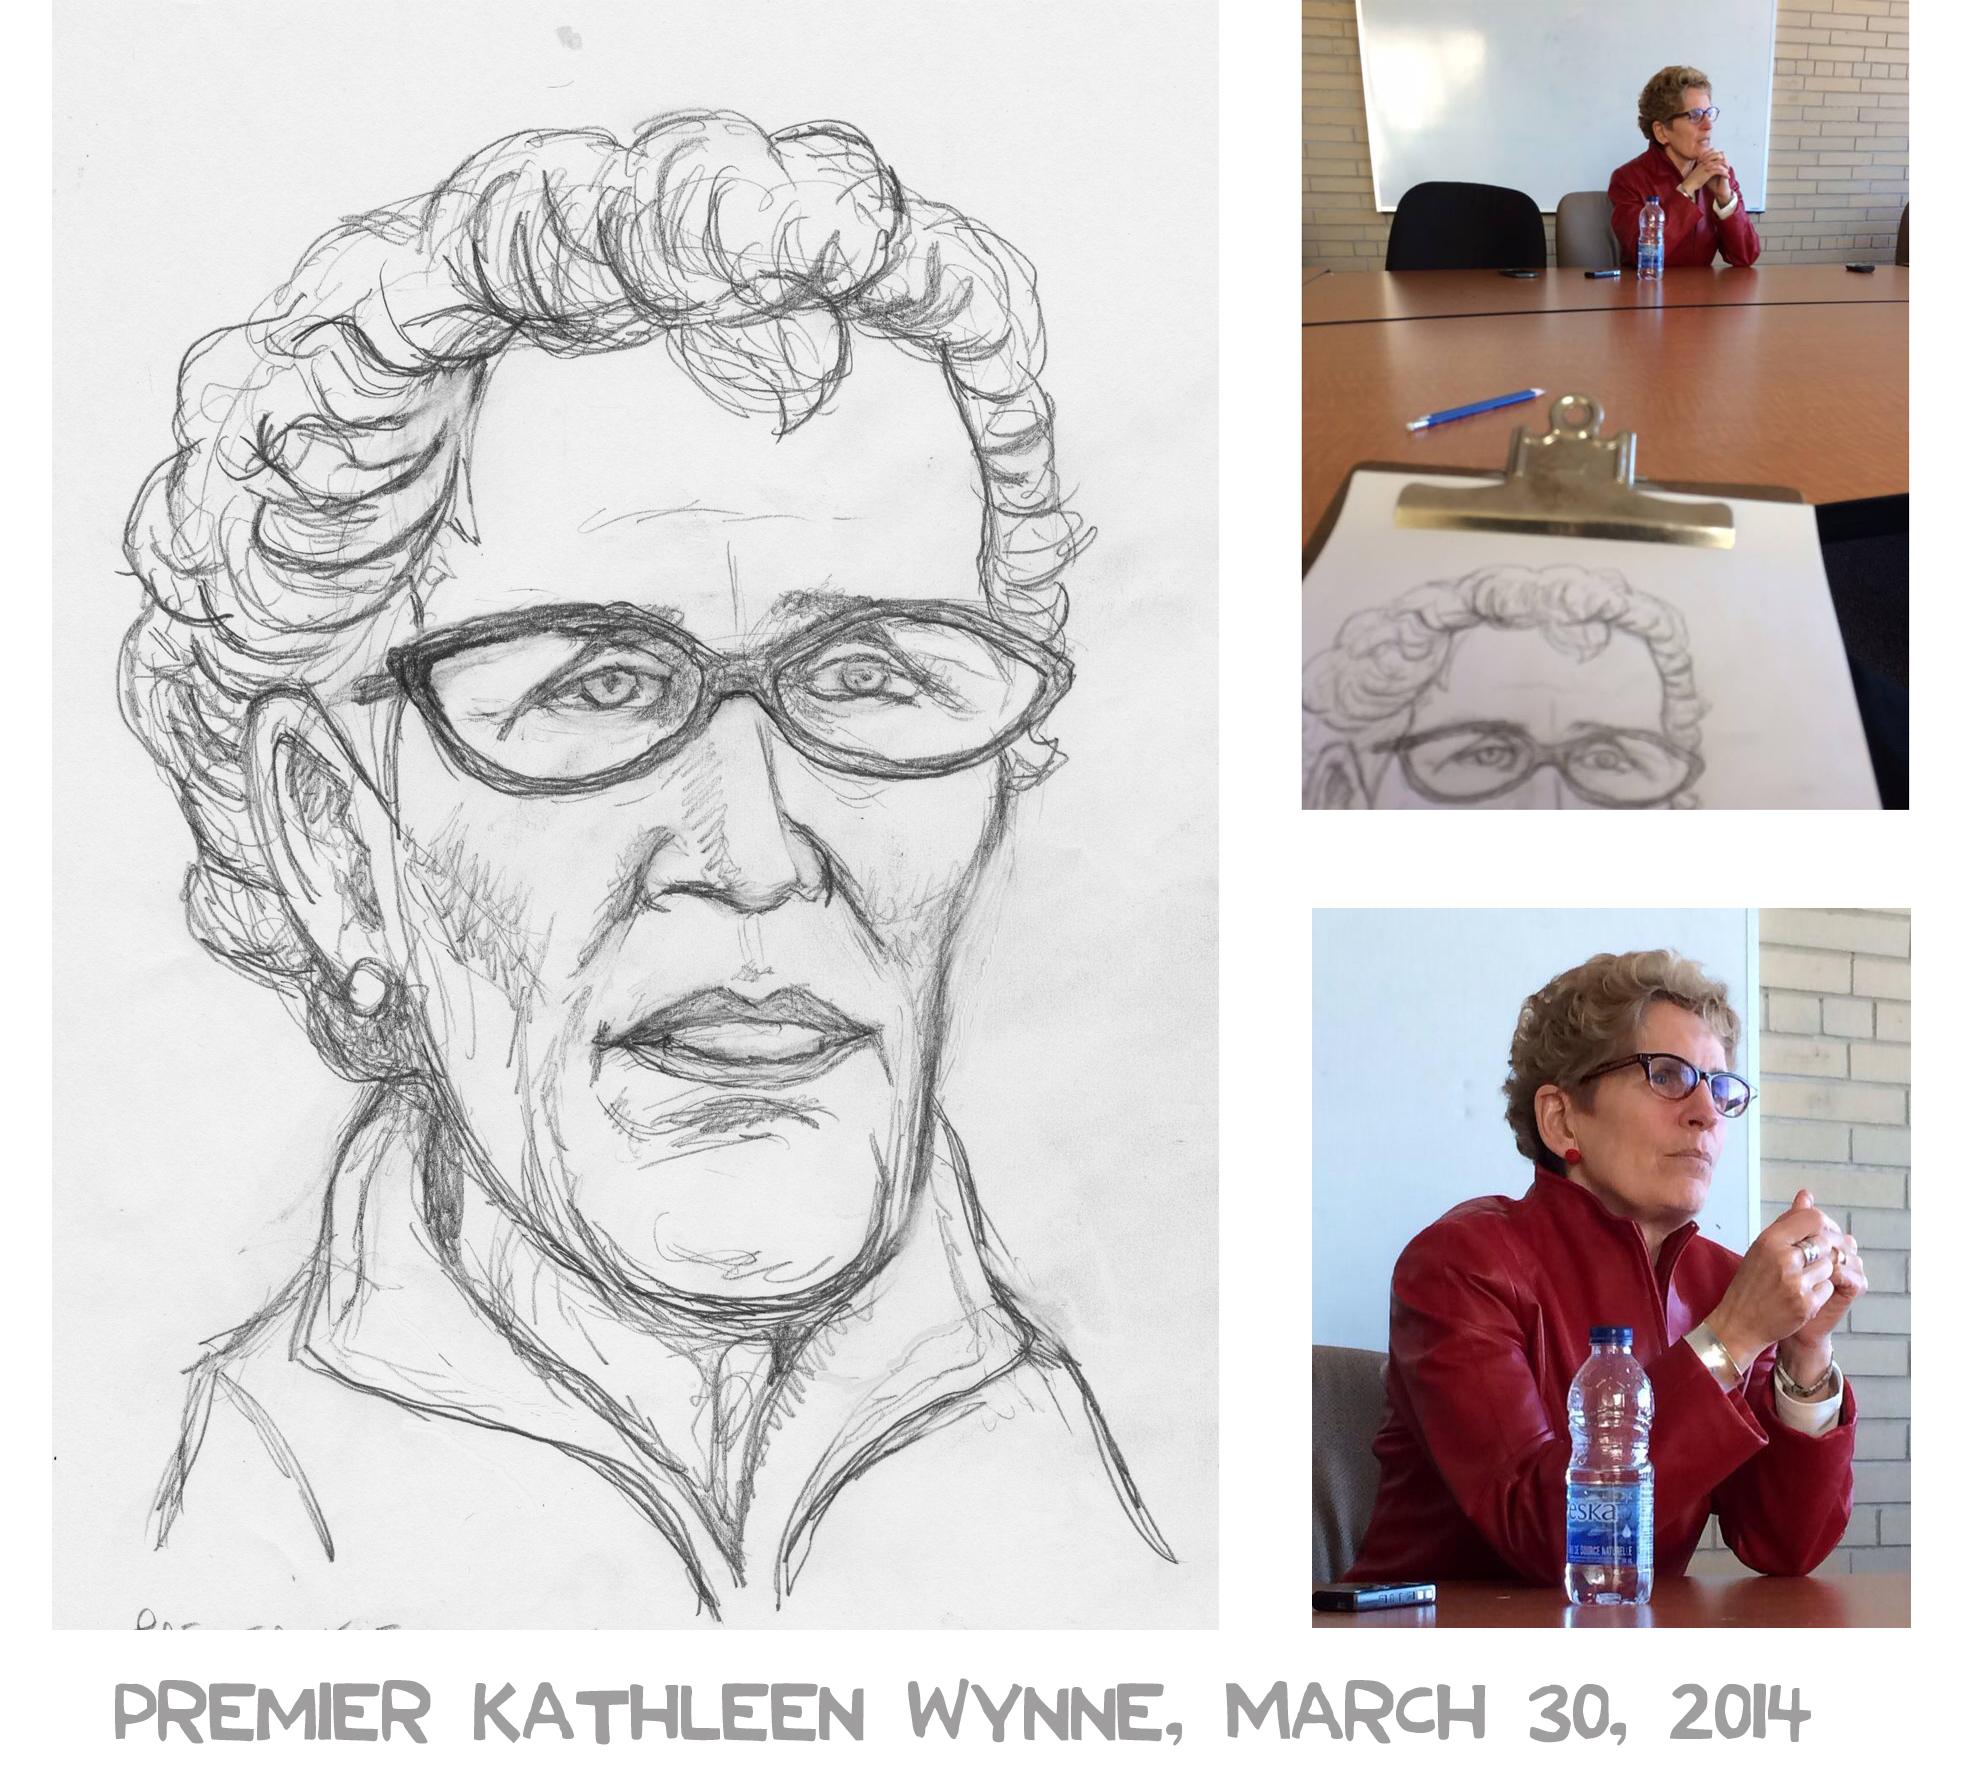 Kathleen Wynne sketch